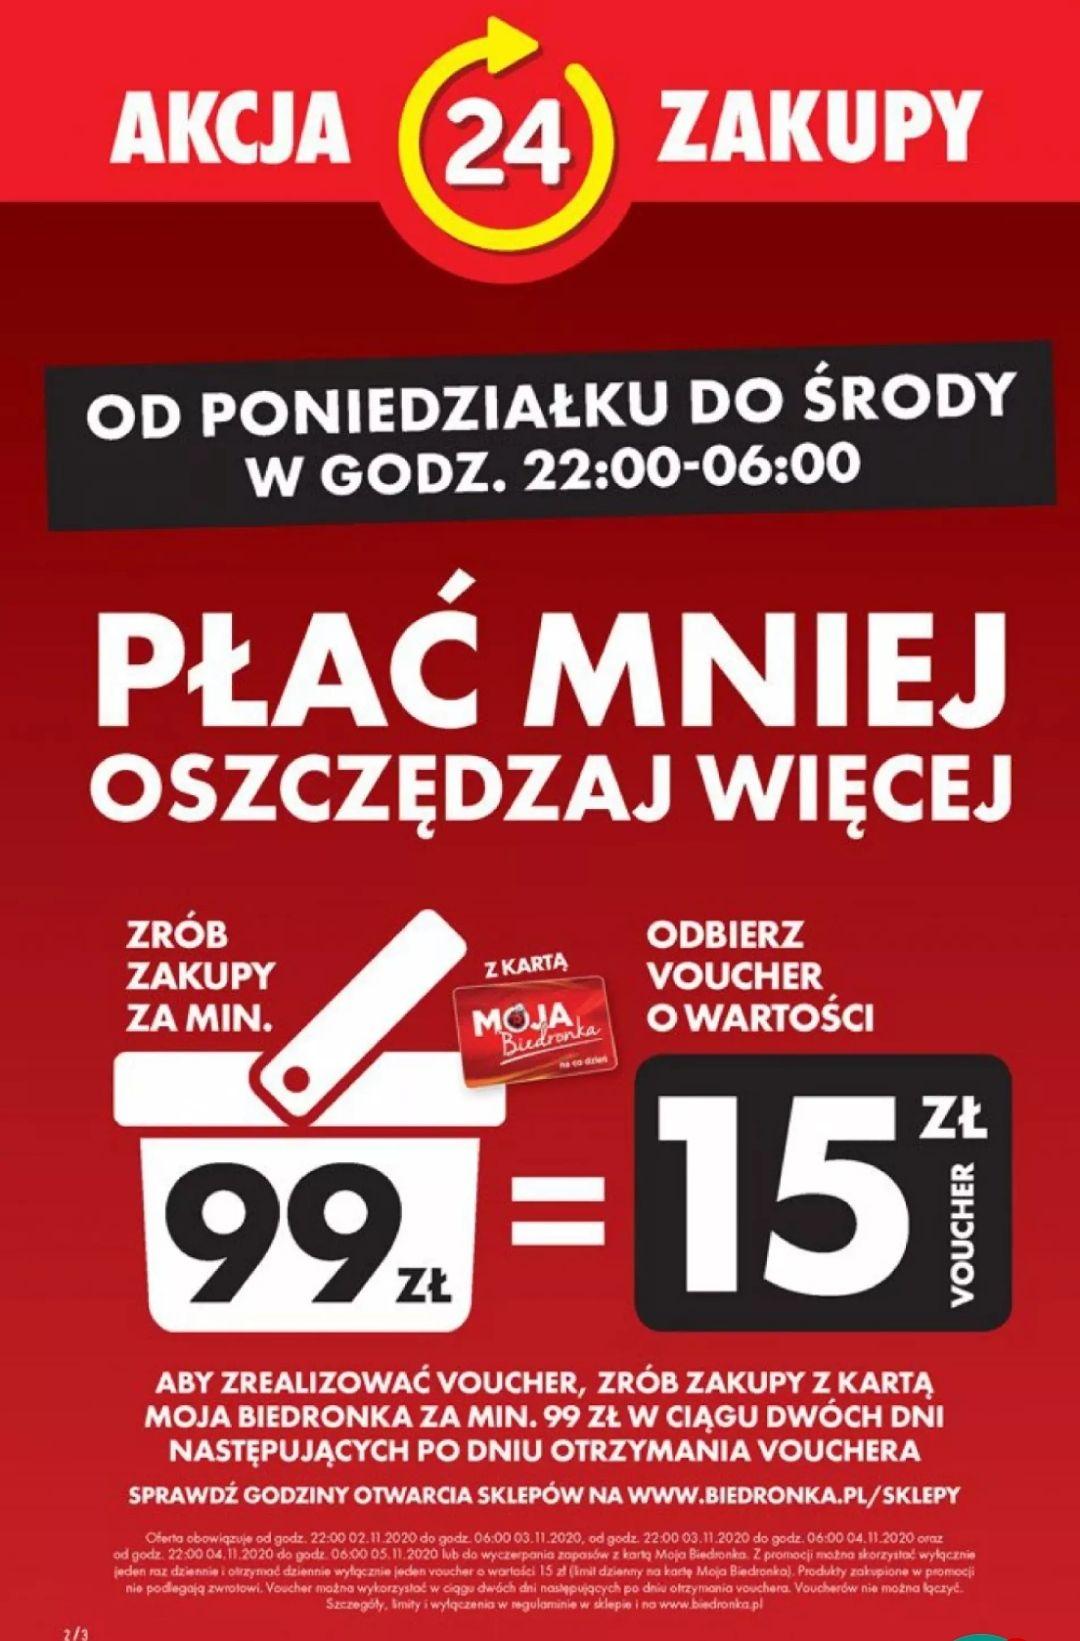 Biedronka Voucher 15 zł przy zakupach za 99